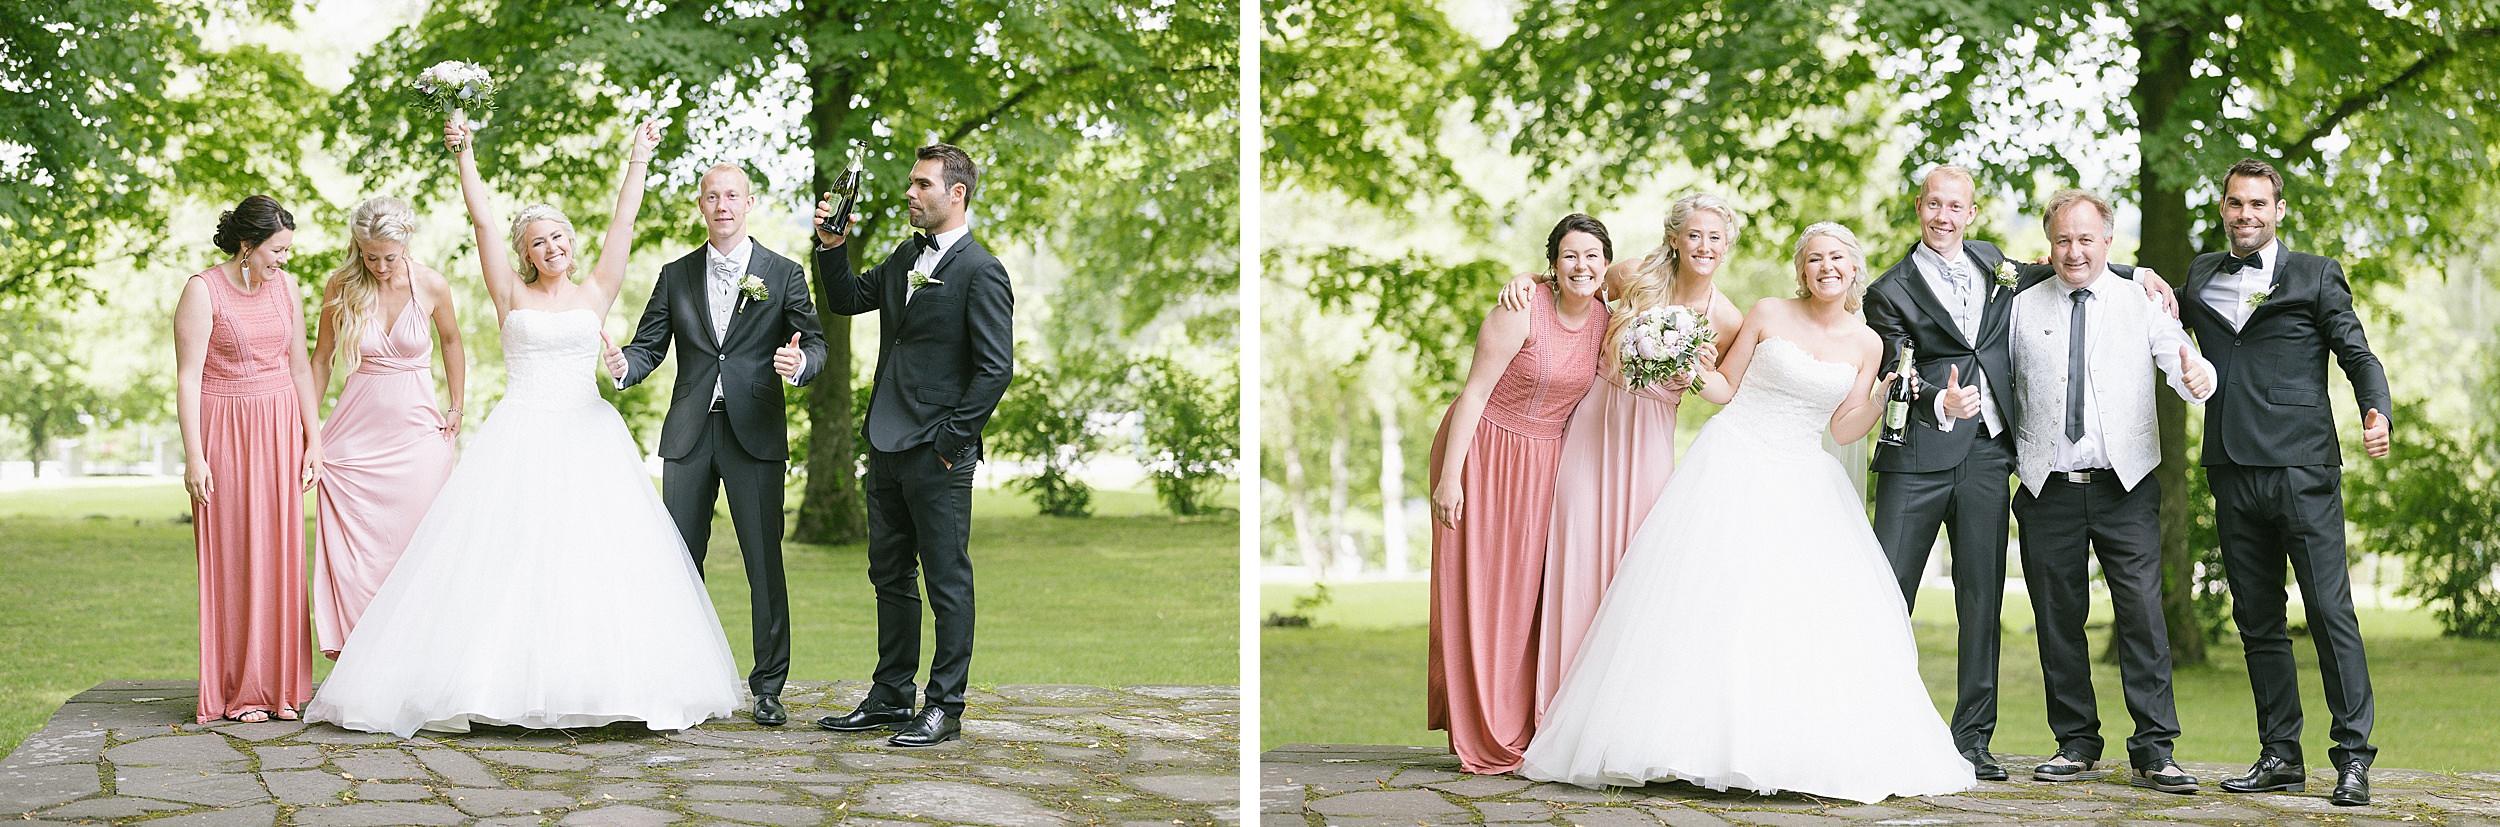 Heldags-bryllupsfoto-june-thomas_0037.jpg